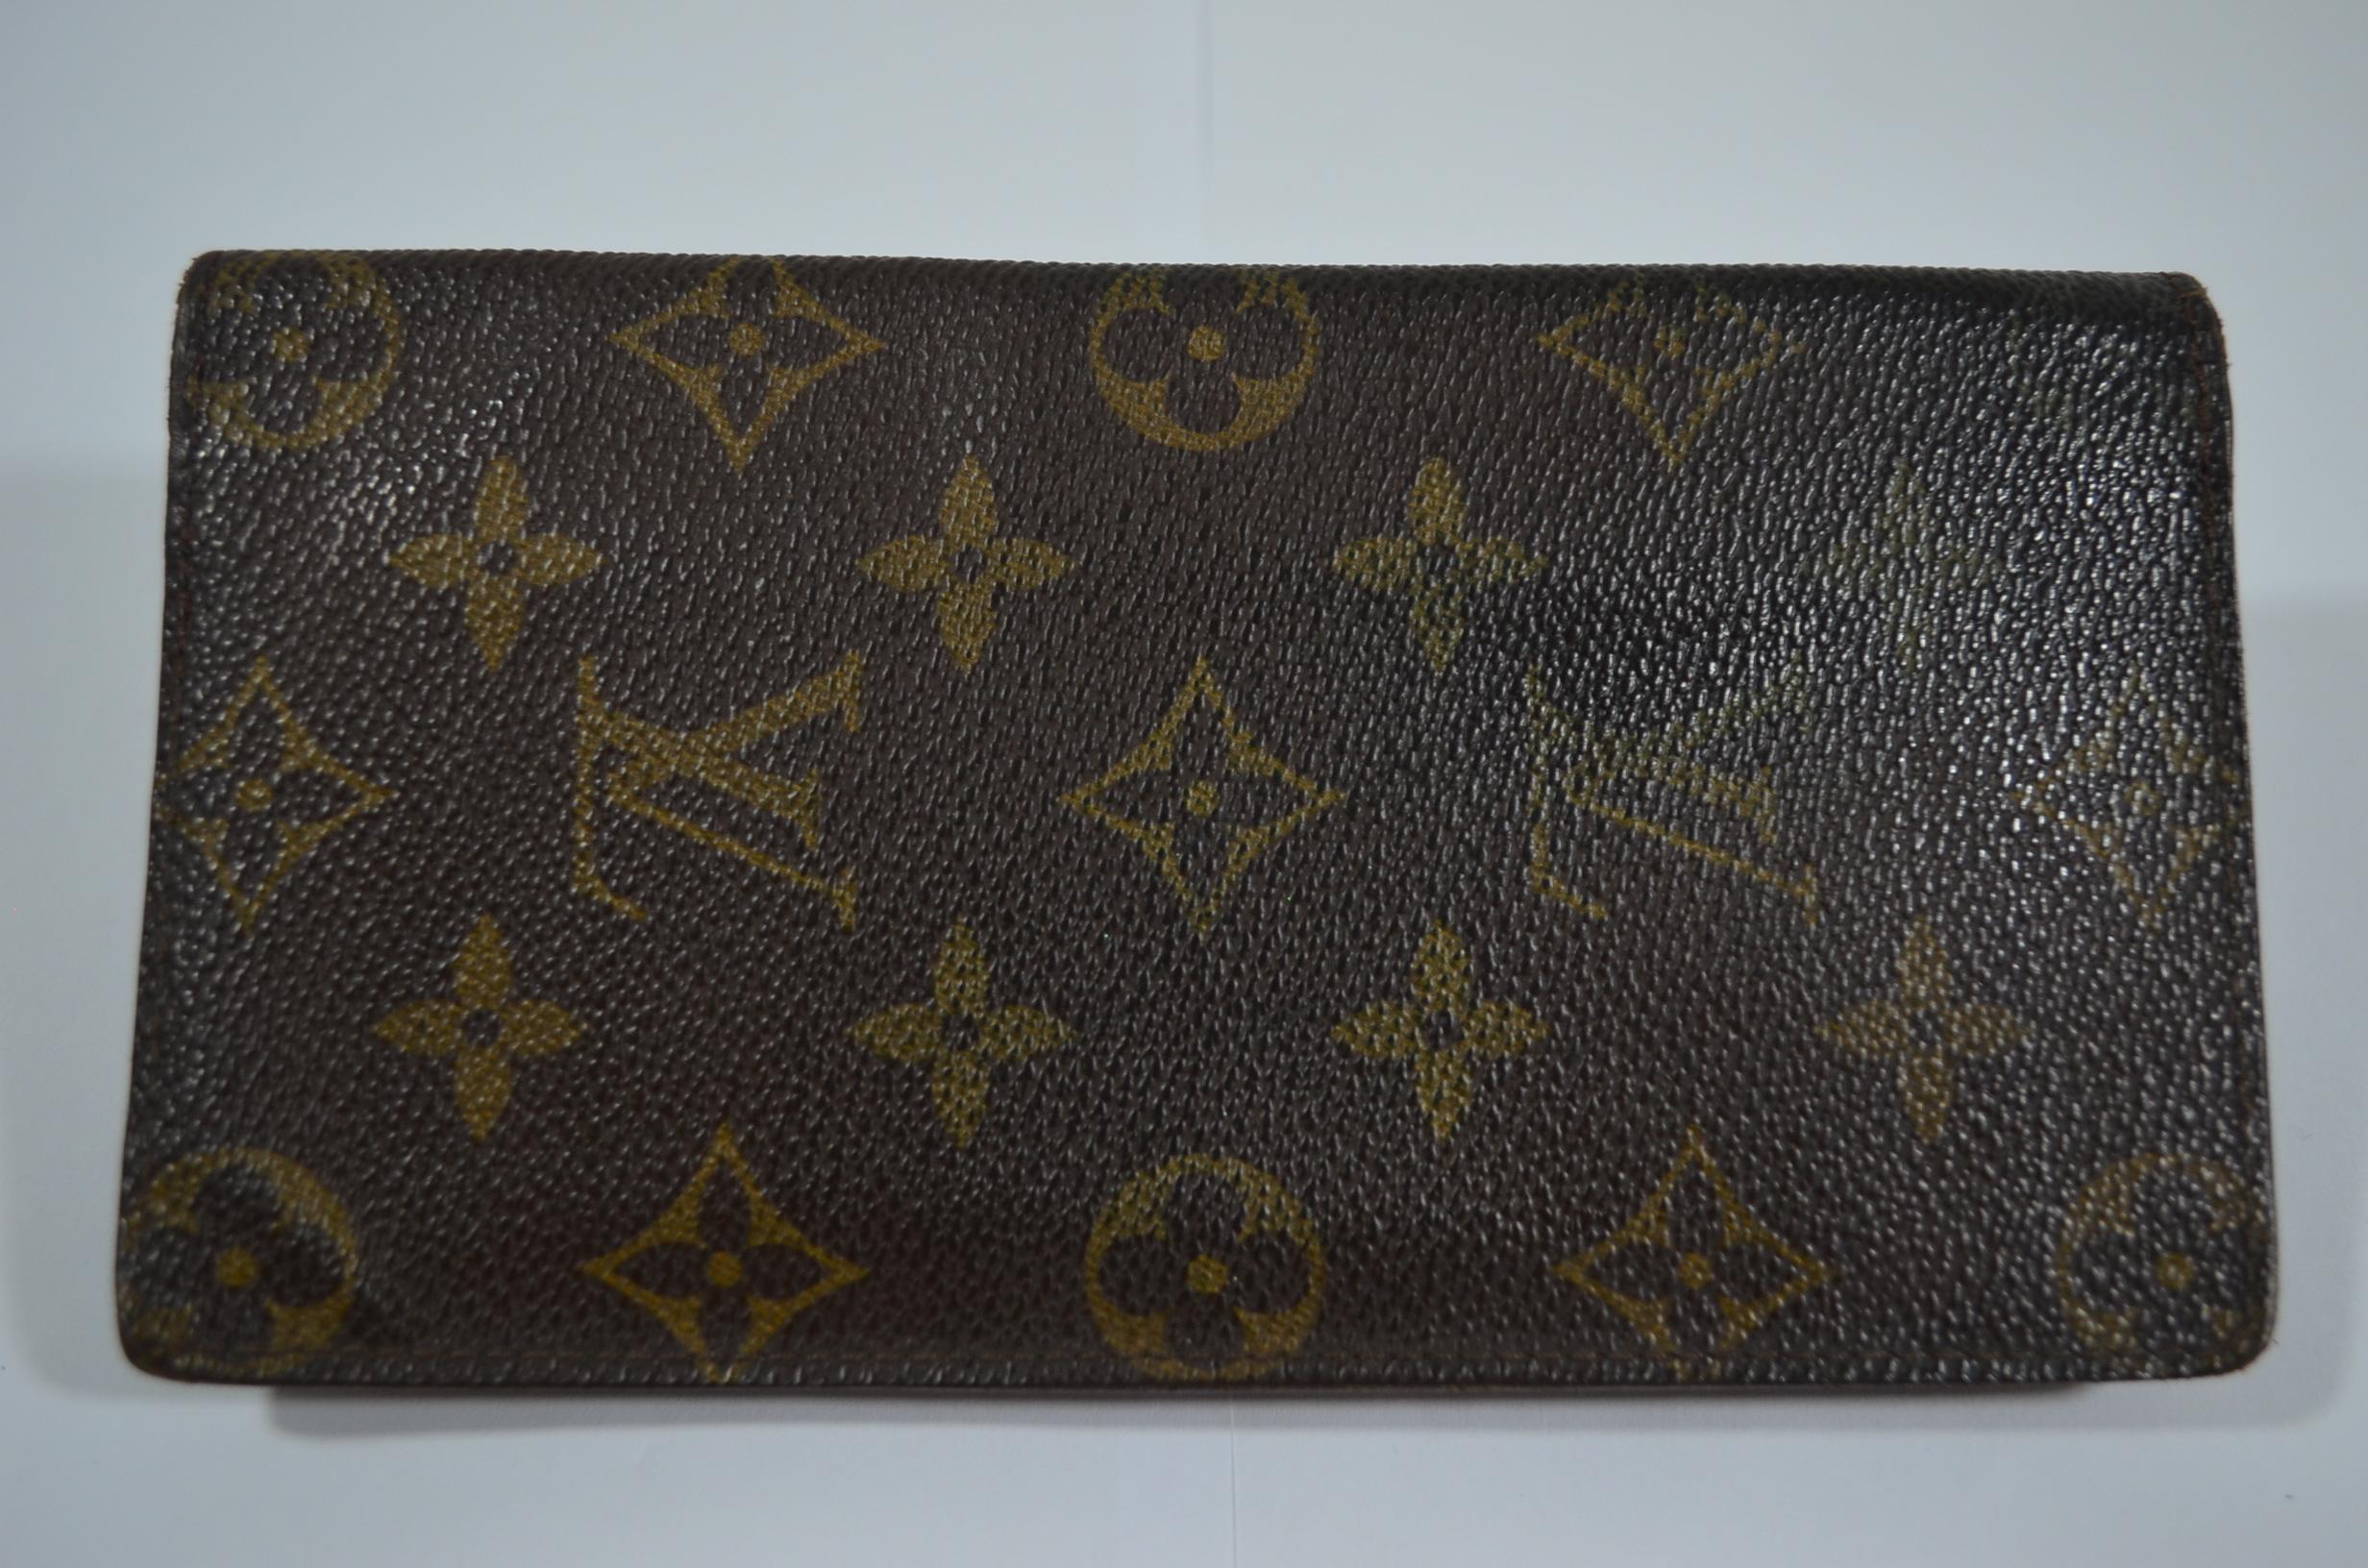 Louis Vuitton checkbook cover wallet